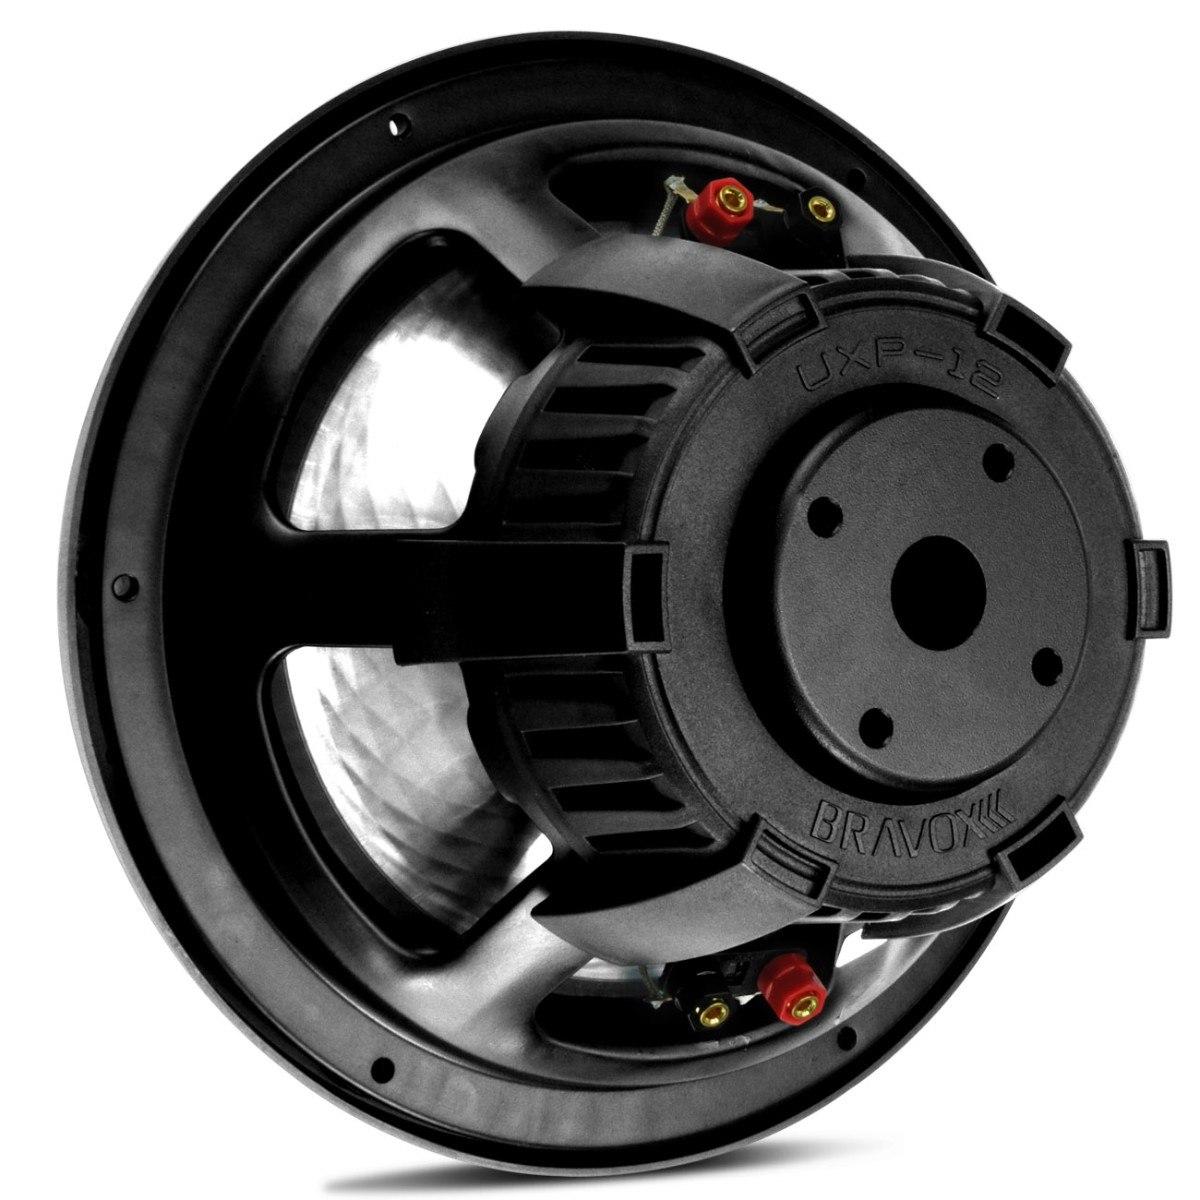 Subwoofer Bravox Uxp 12´ 500 wrms 4+4 Ohms